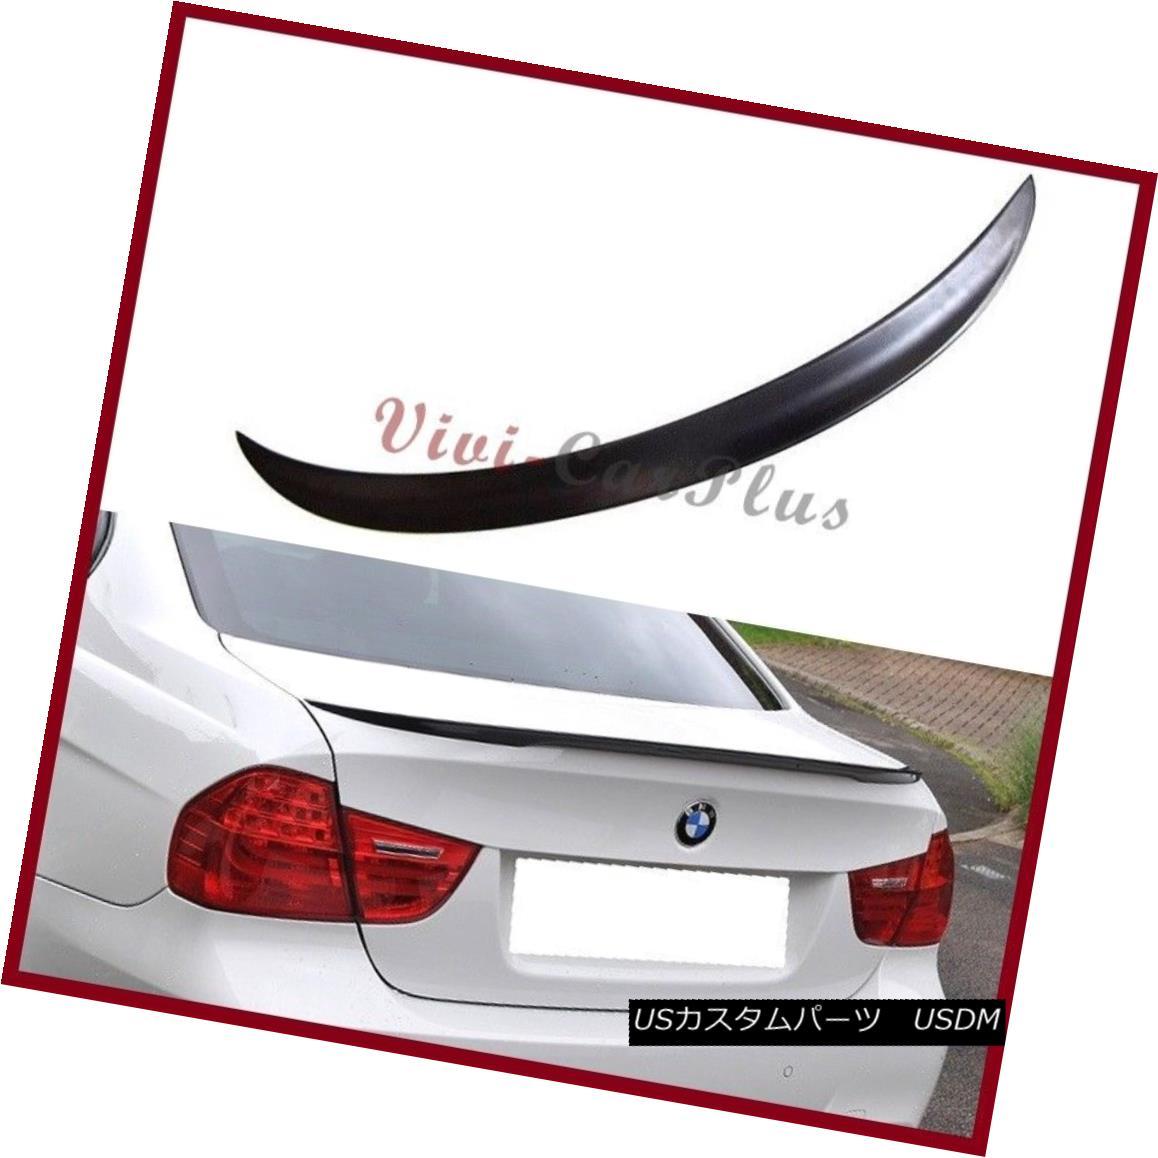 エアロパーツ Performance Tail Spoiler Lip For 06-11 BMW E90 323i 325i 328i 335i M3 PAINTED パフォーマンステールスポイラーリップfor 06-11 BMW E90 323i 325i 328i 335i M3 PAINTED